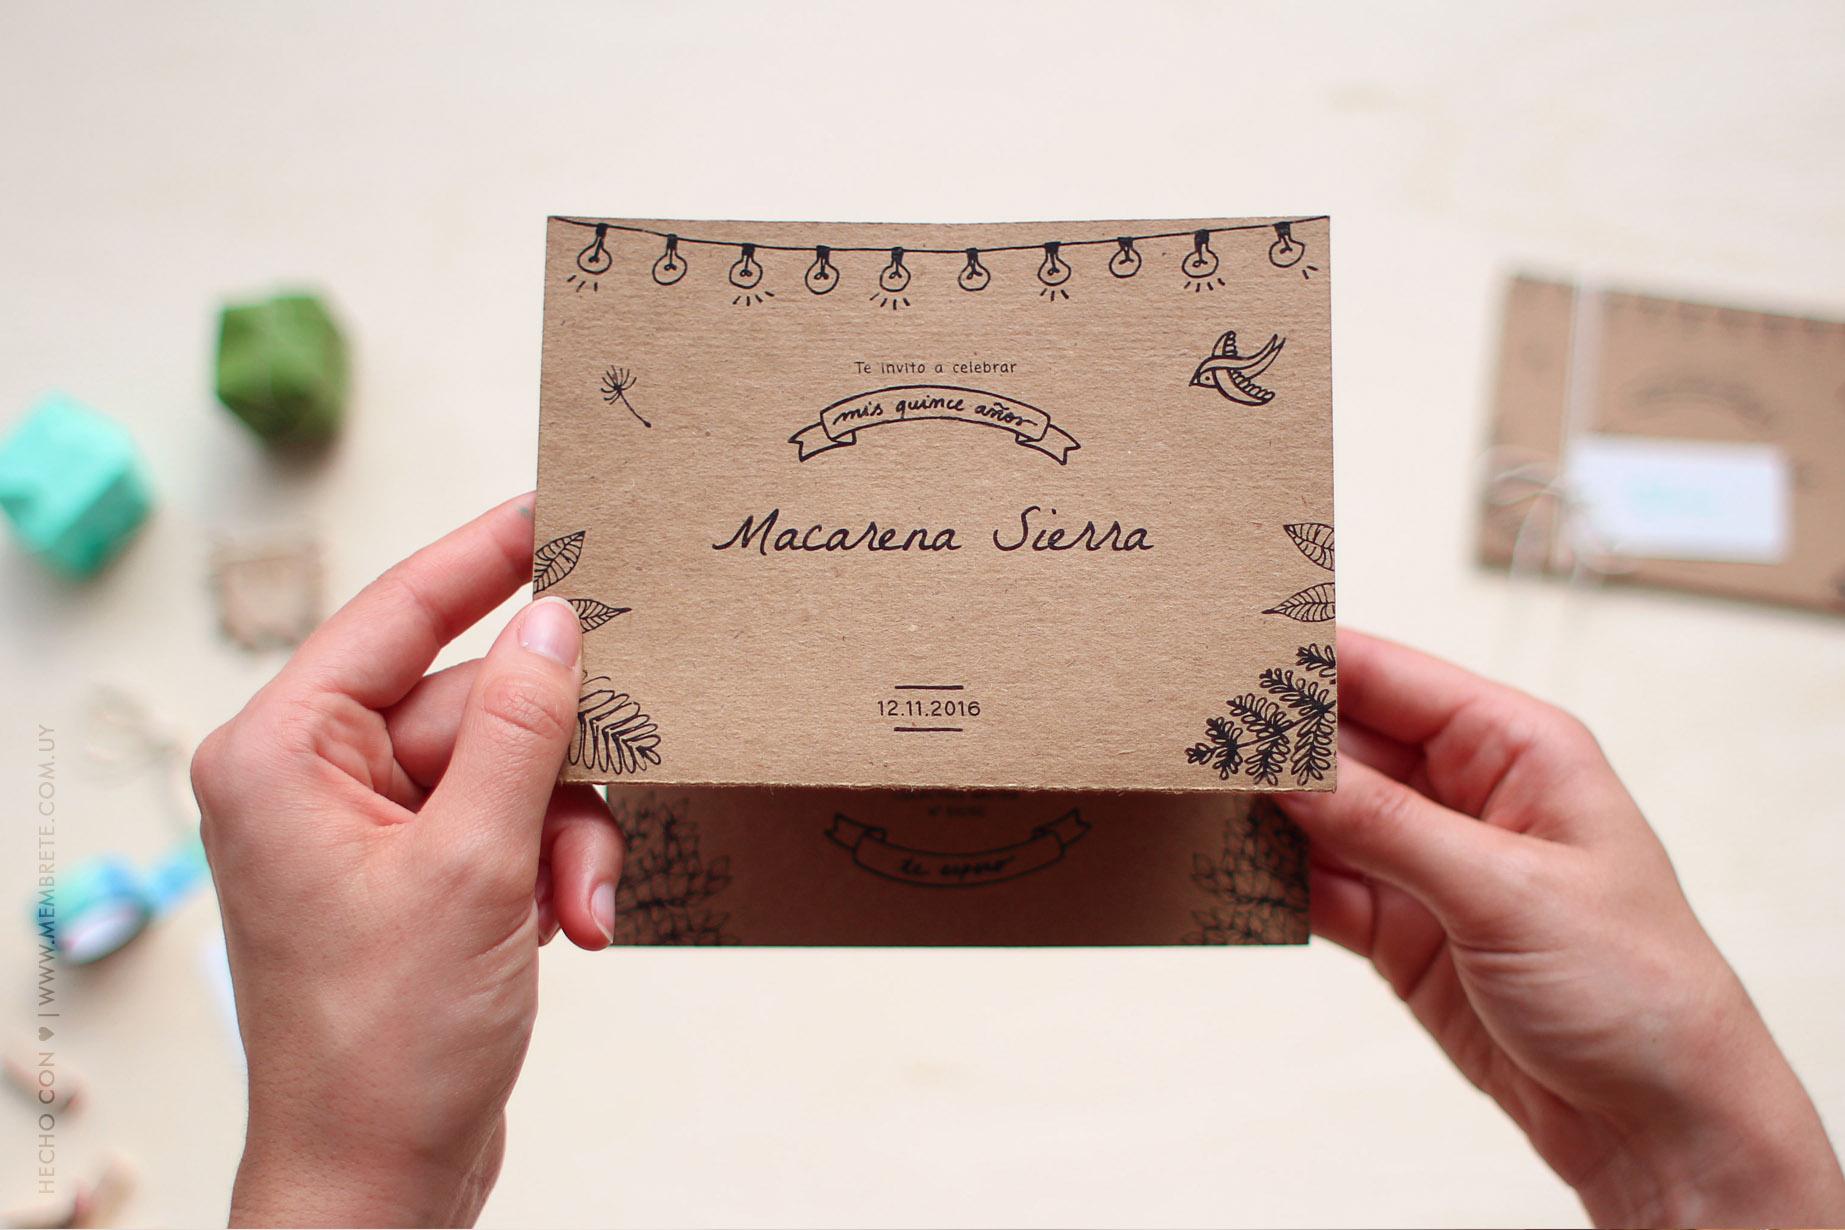 Macarena ♪ Fiesta 15 | MEMBRETE | www.membrete.com.uy